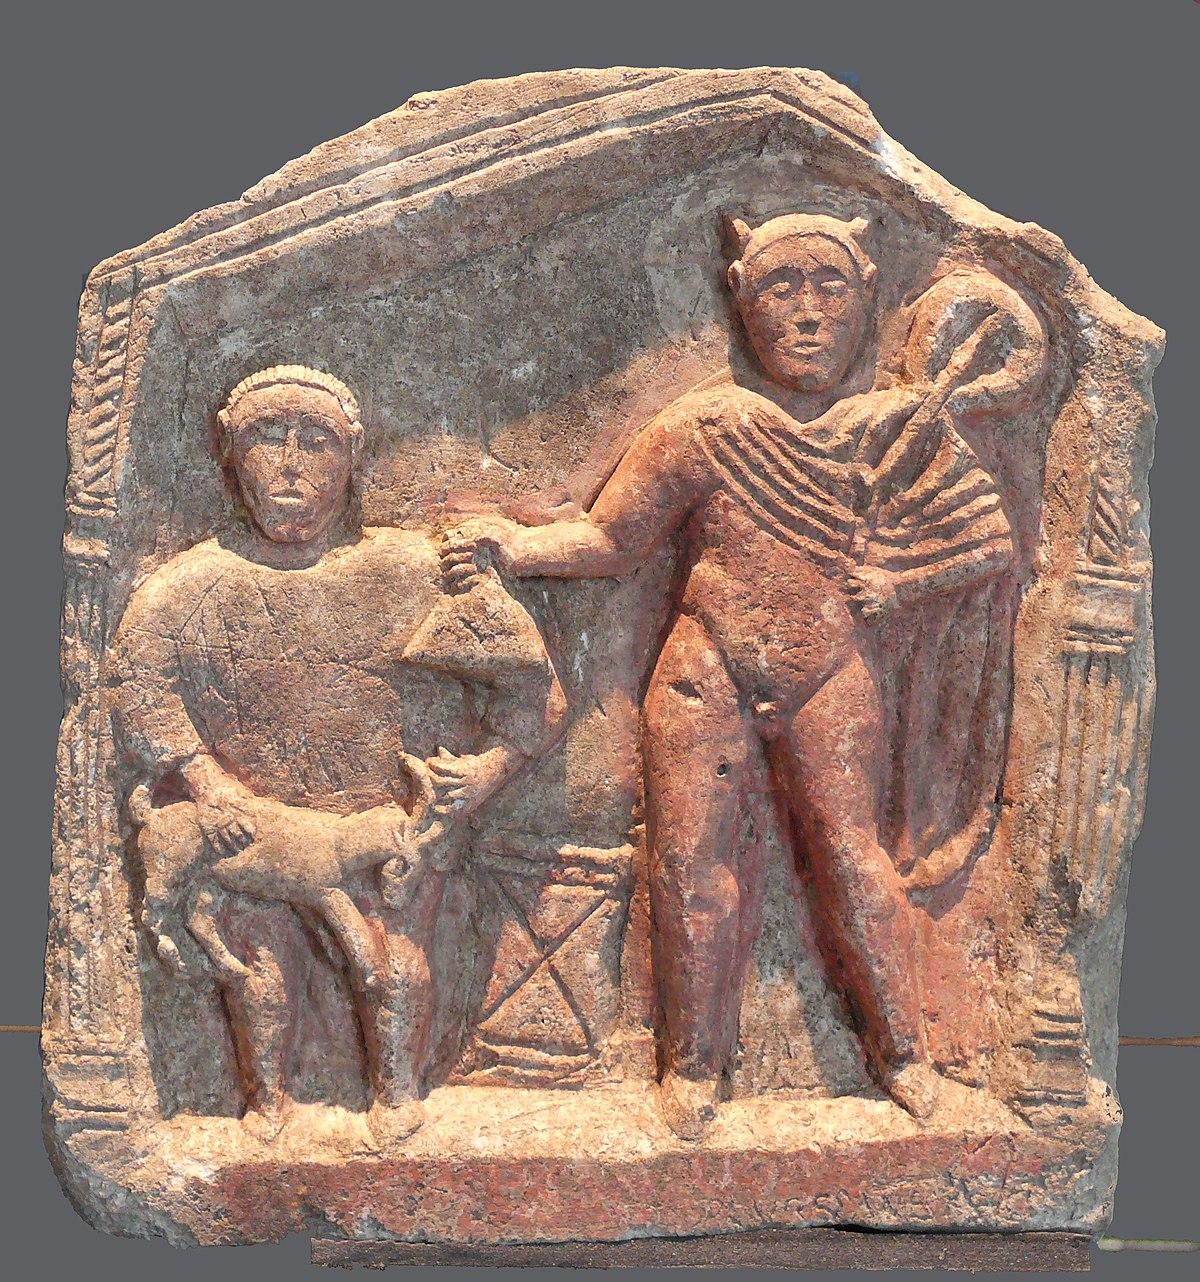 Mercury (mythology) - Wikipedia